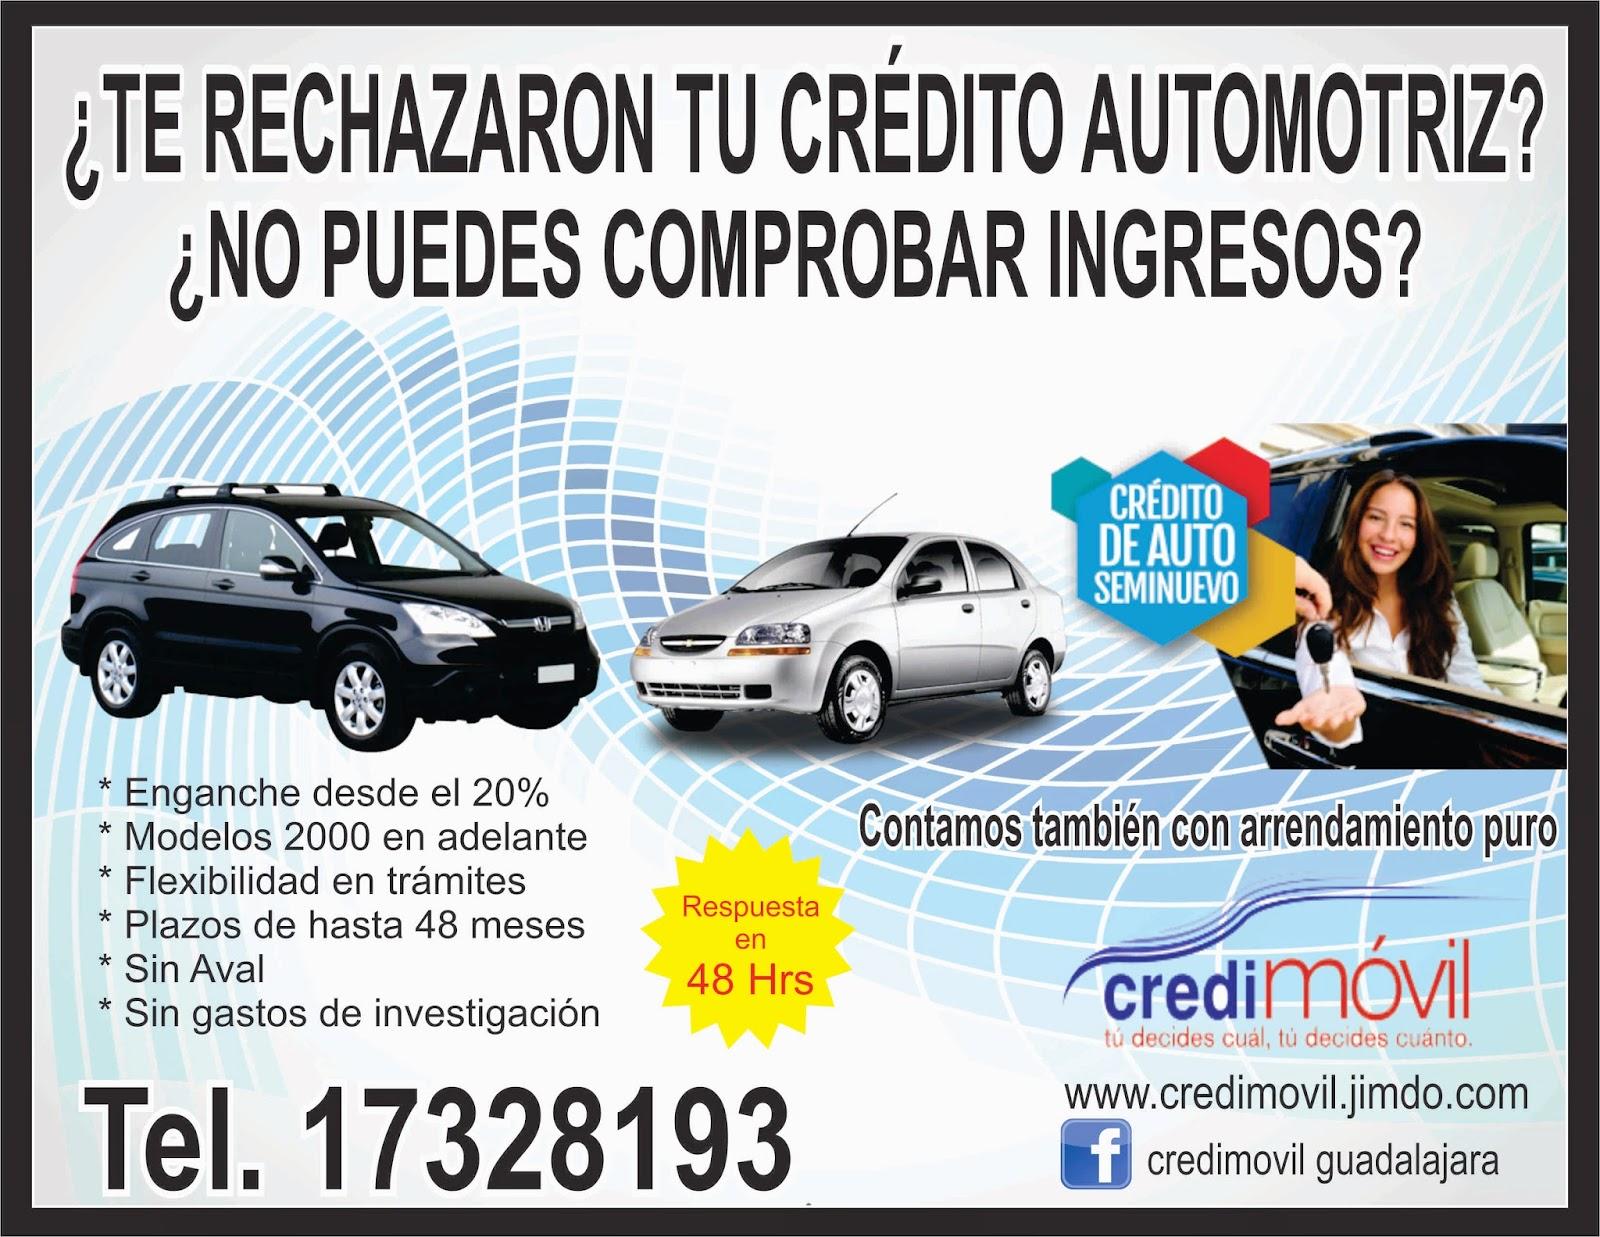 e9a7591f2 Autos Seminuevos Sin Buro Credito Df - lullitttrucec